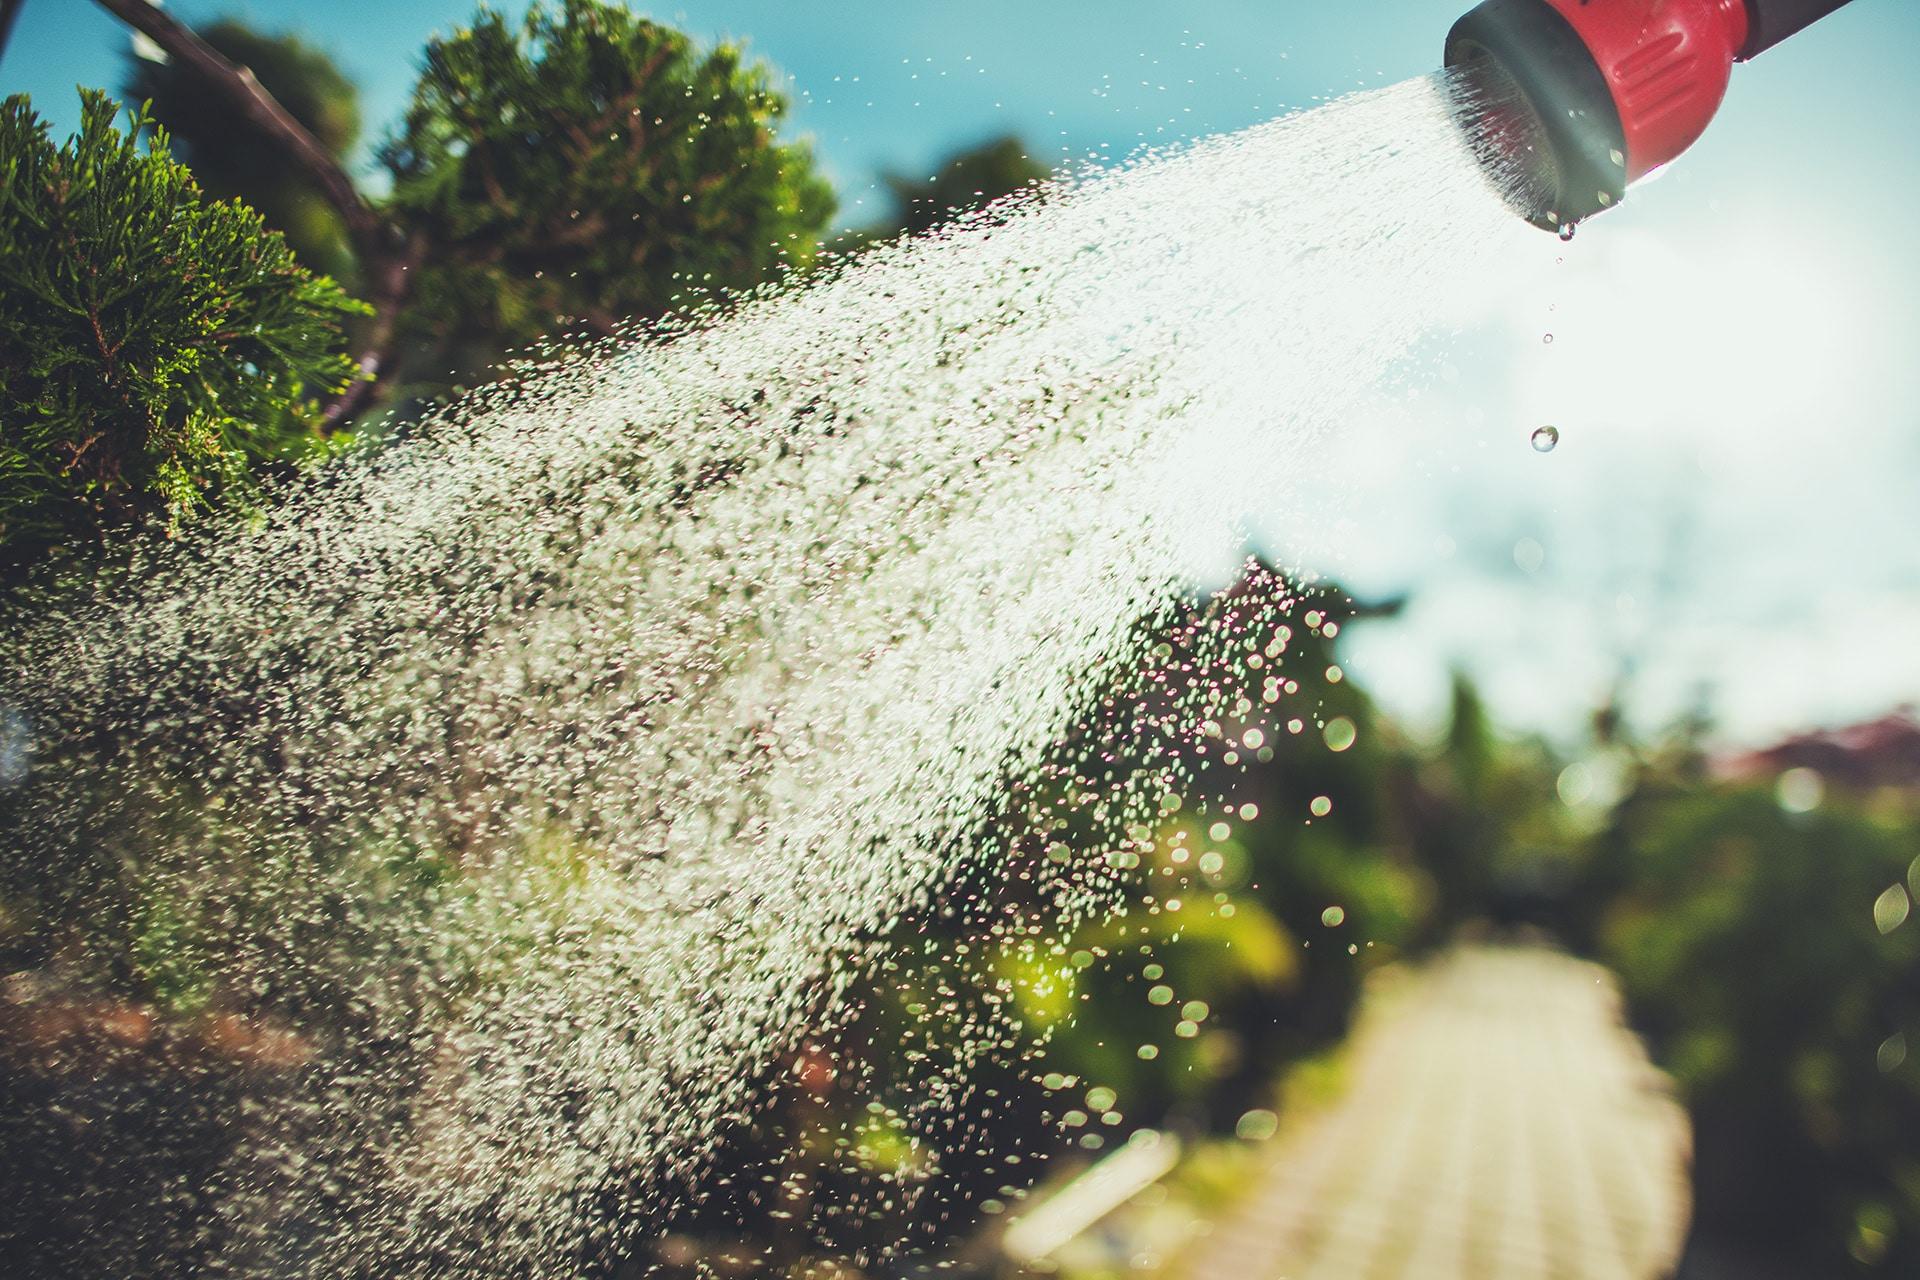 De tuin water geven